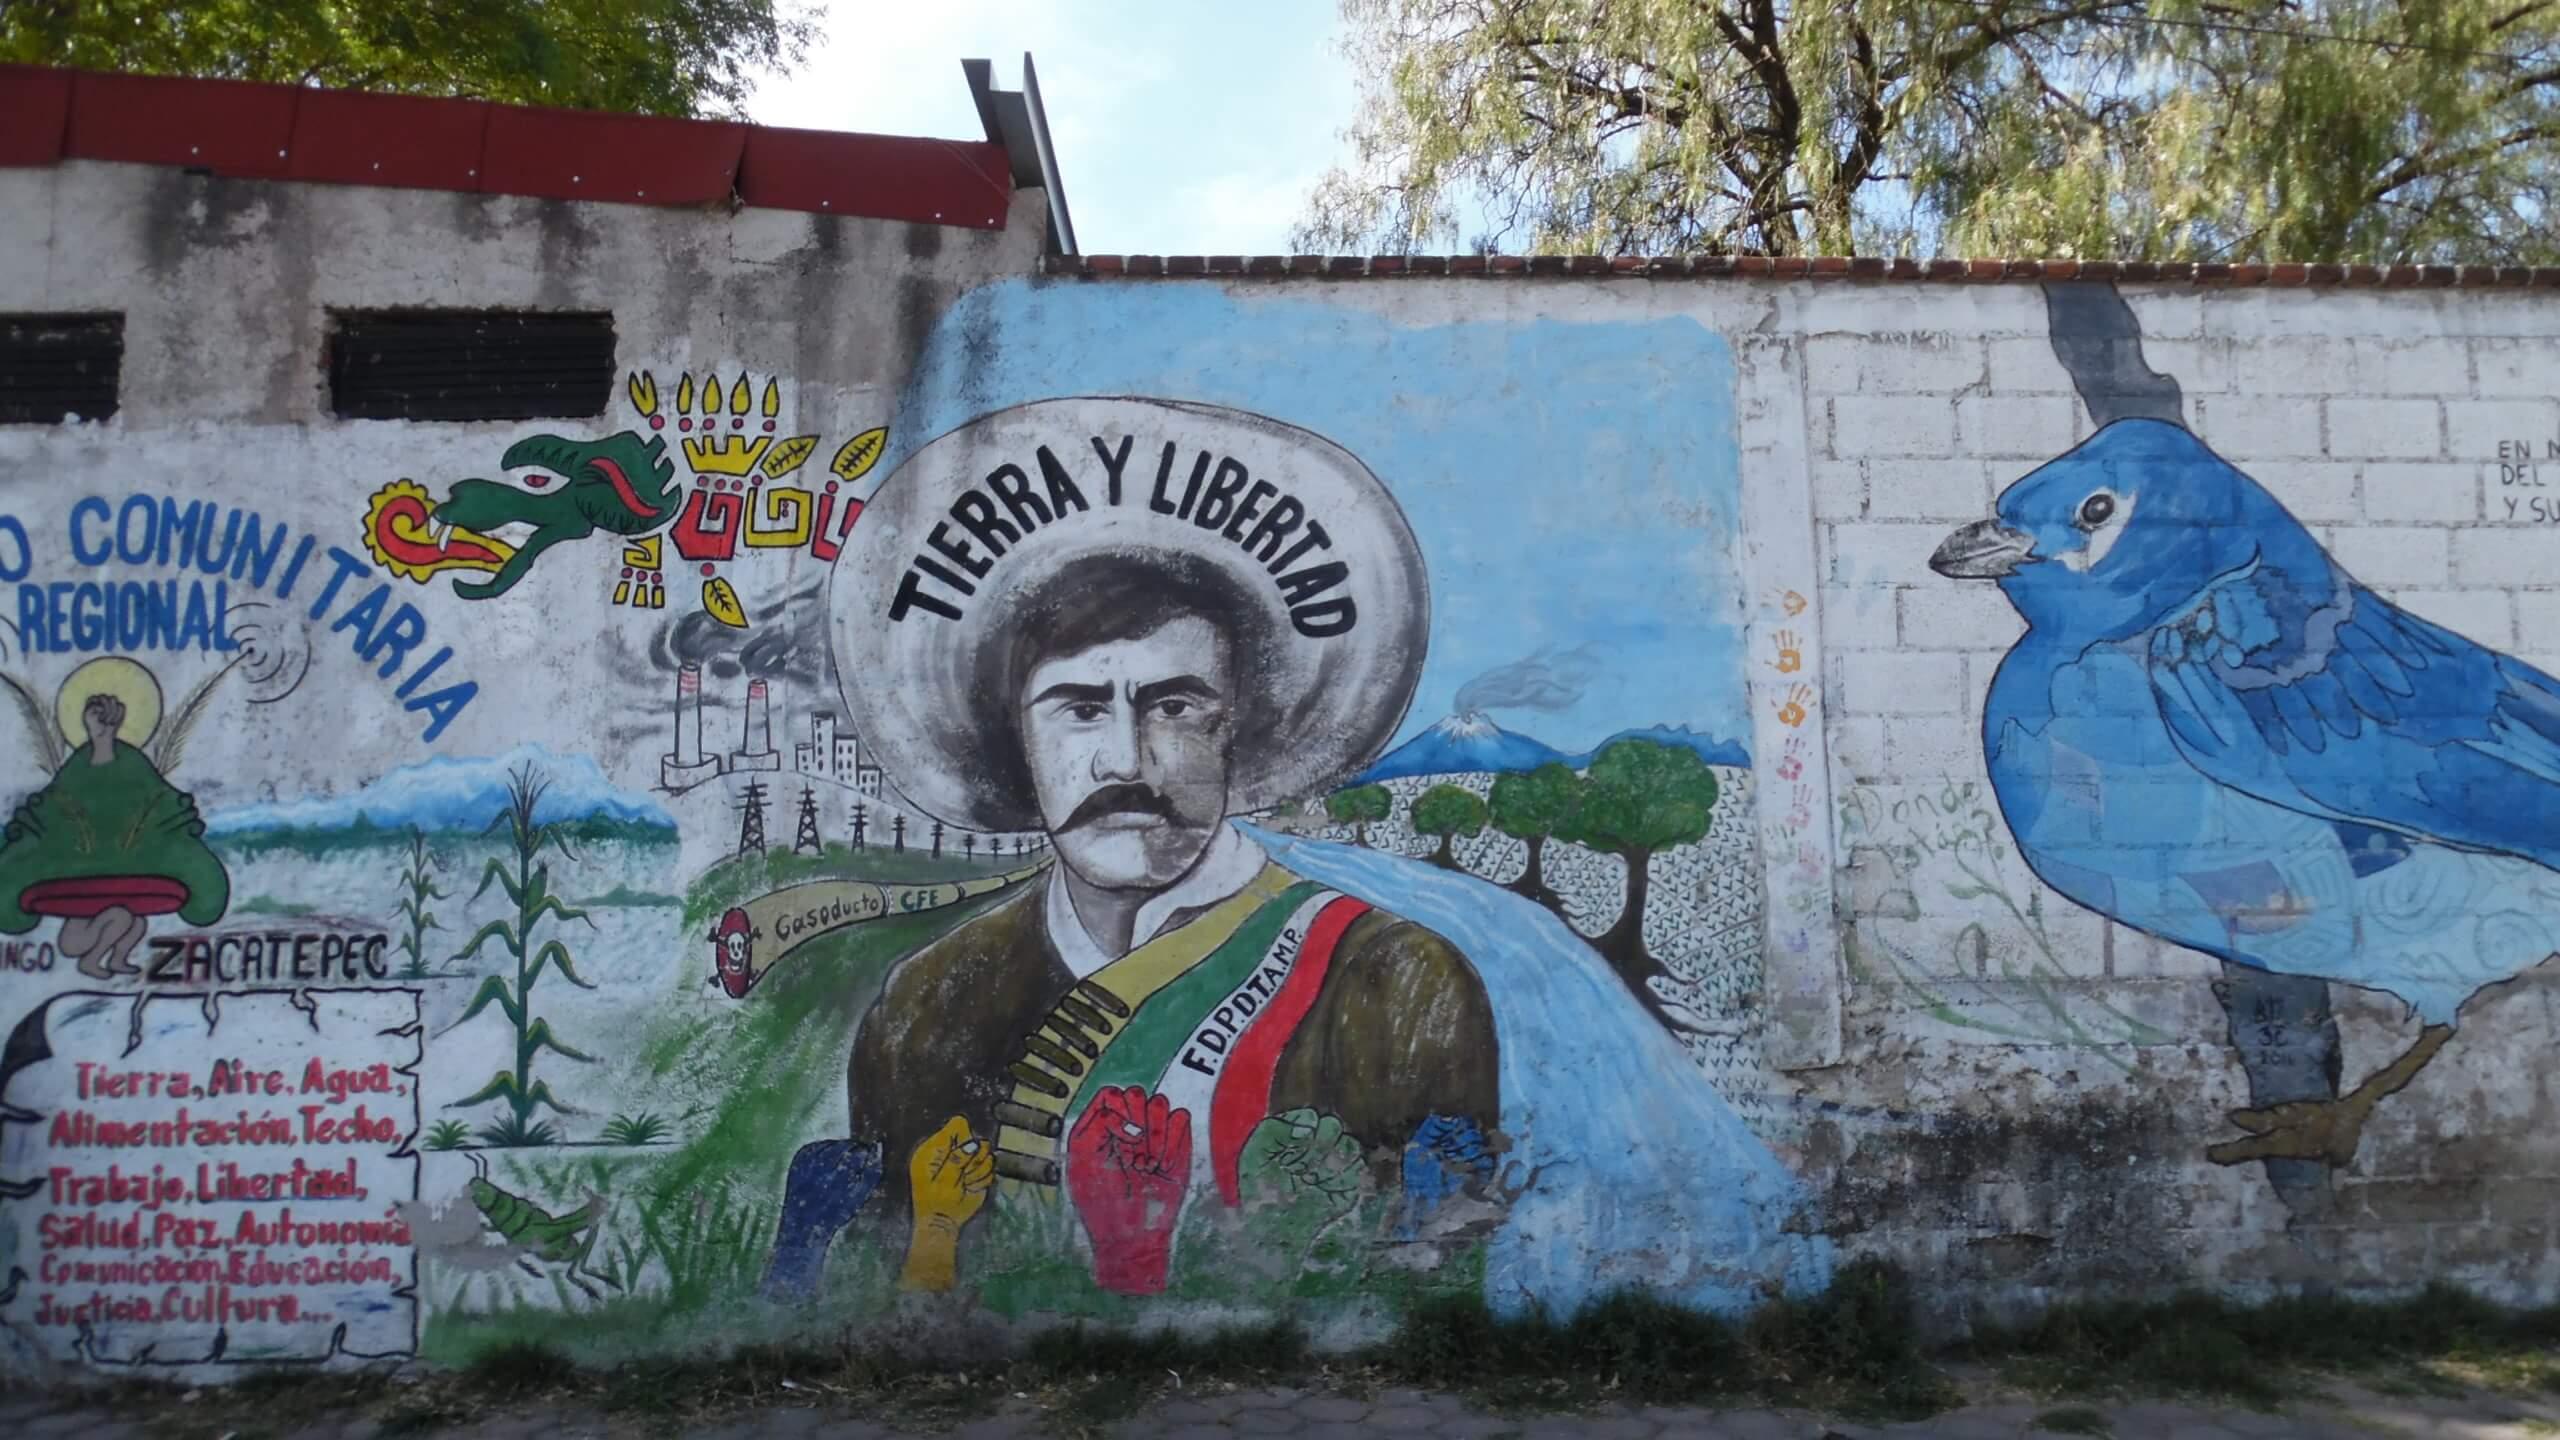 Mexio